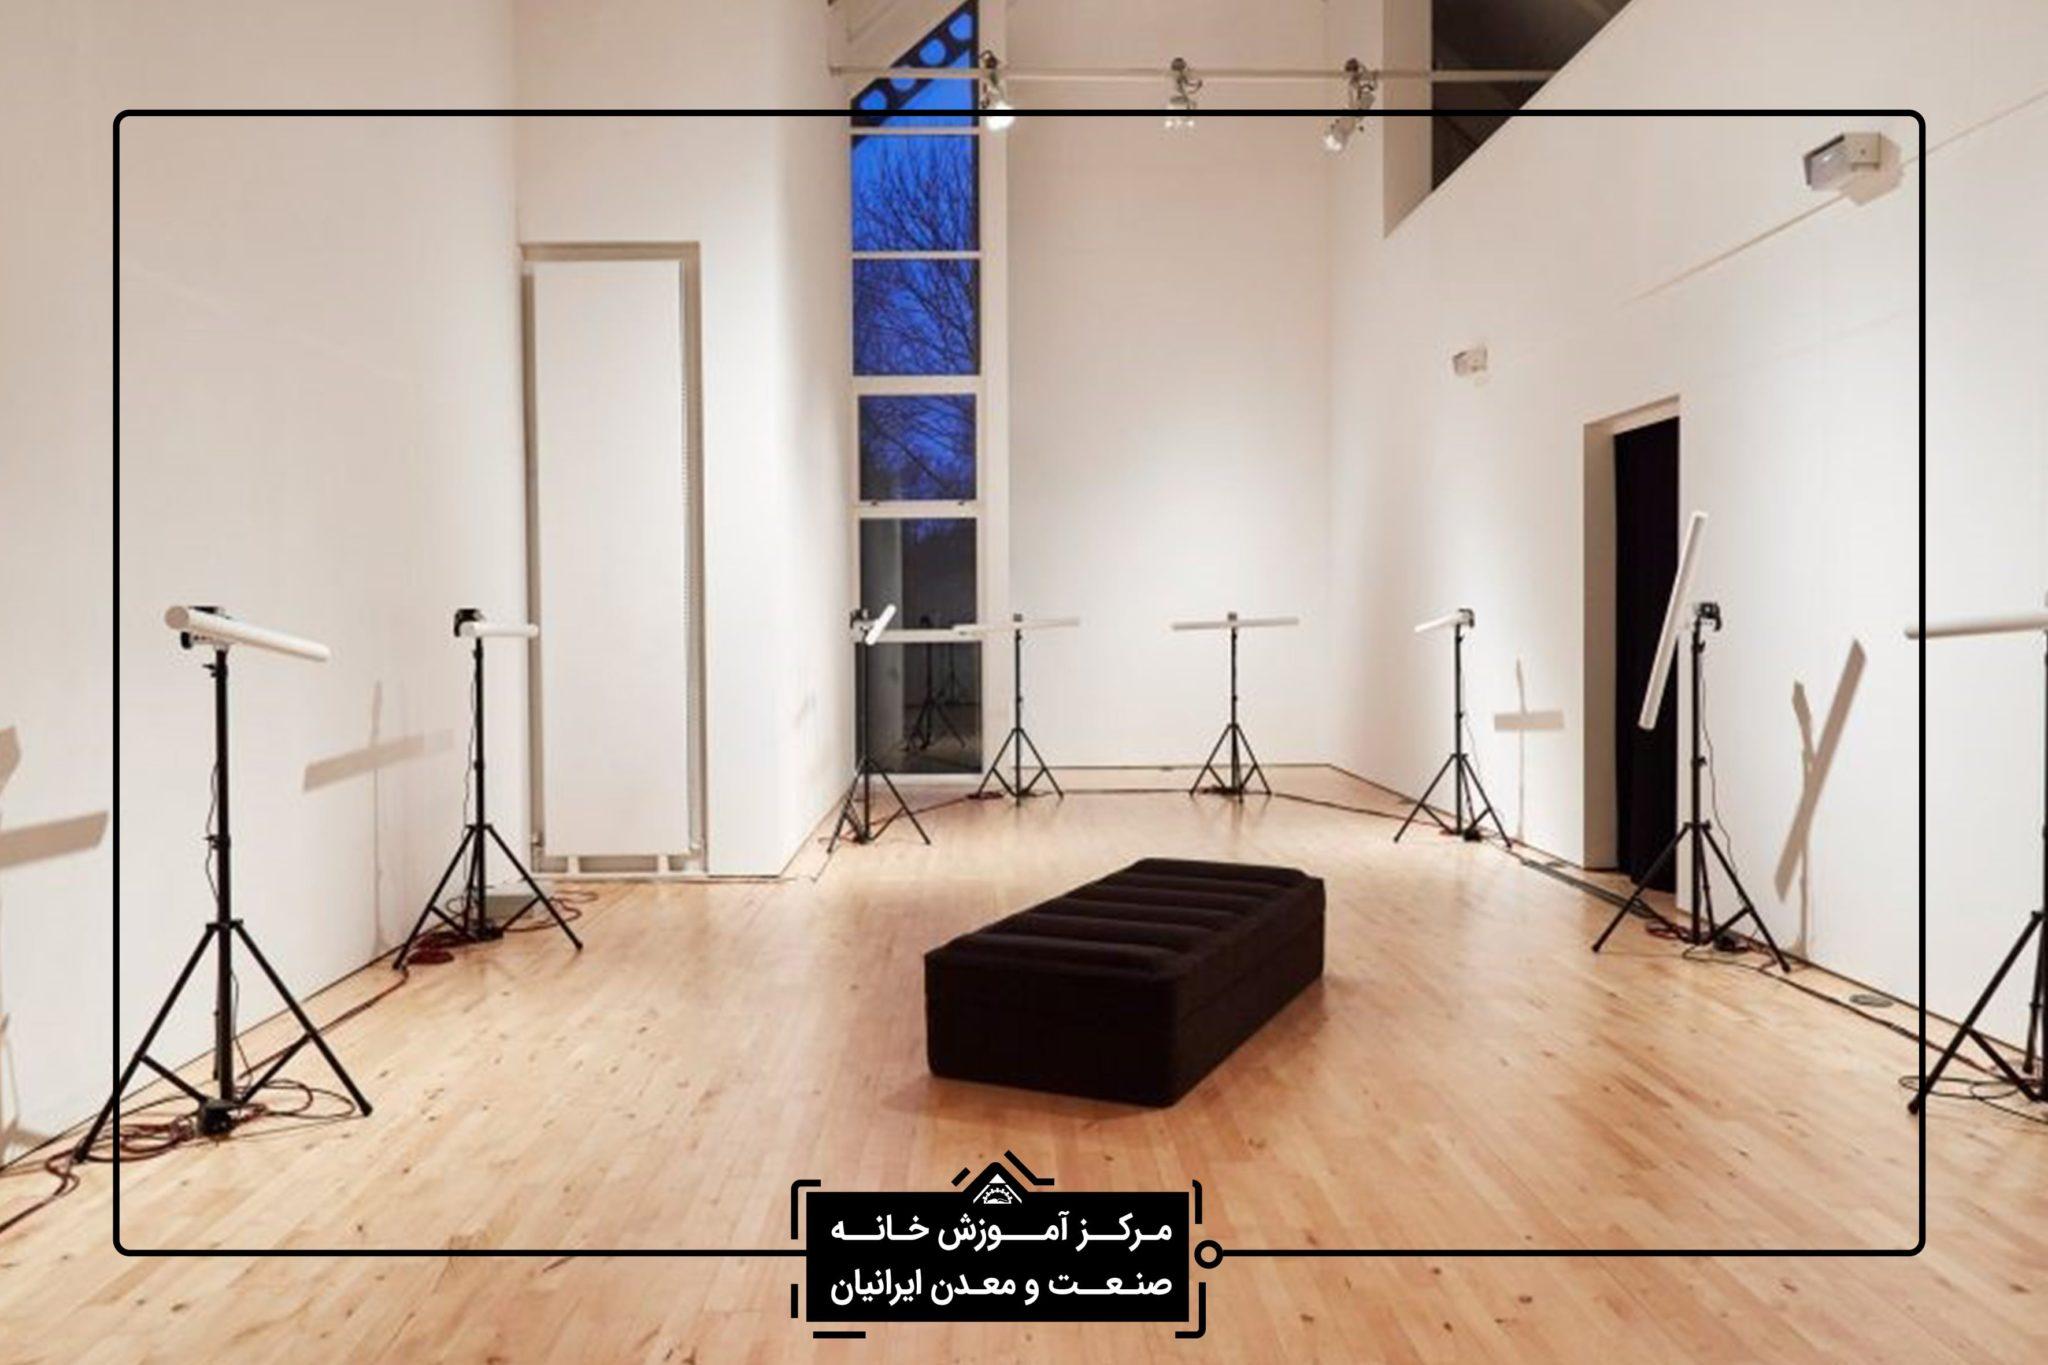 طراحی داخلی در شیراز - دوره تخصصی دکوراسیون داخلی در شیراز